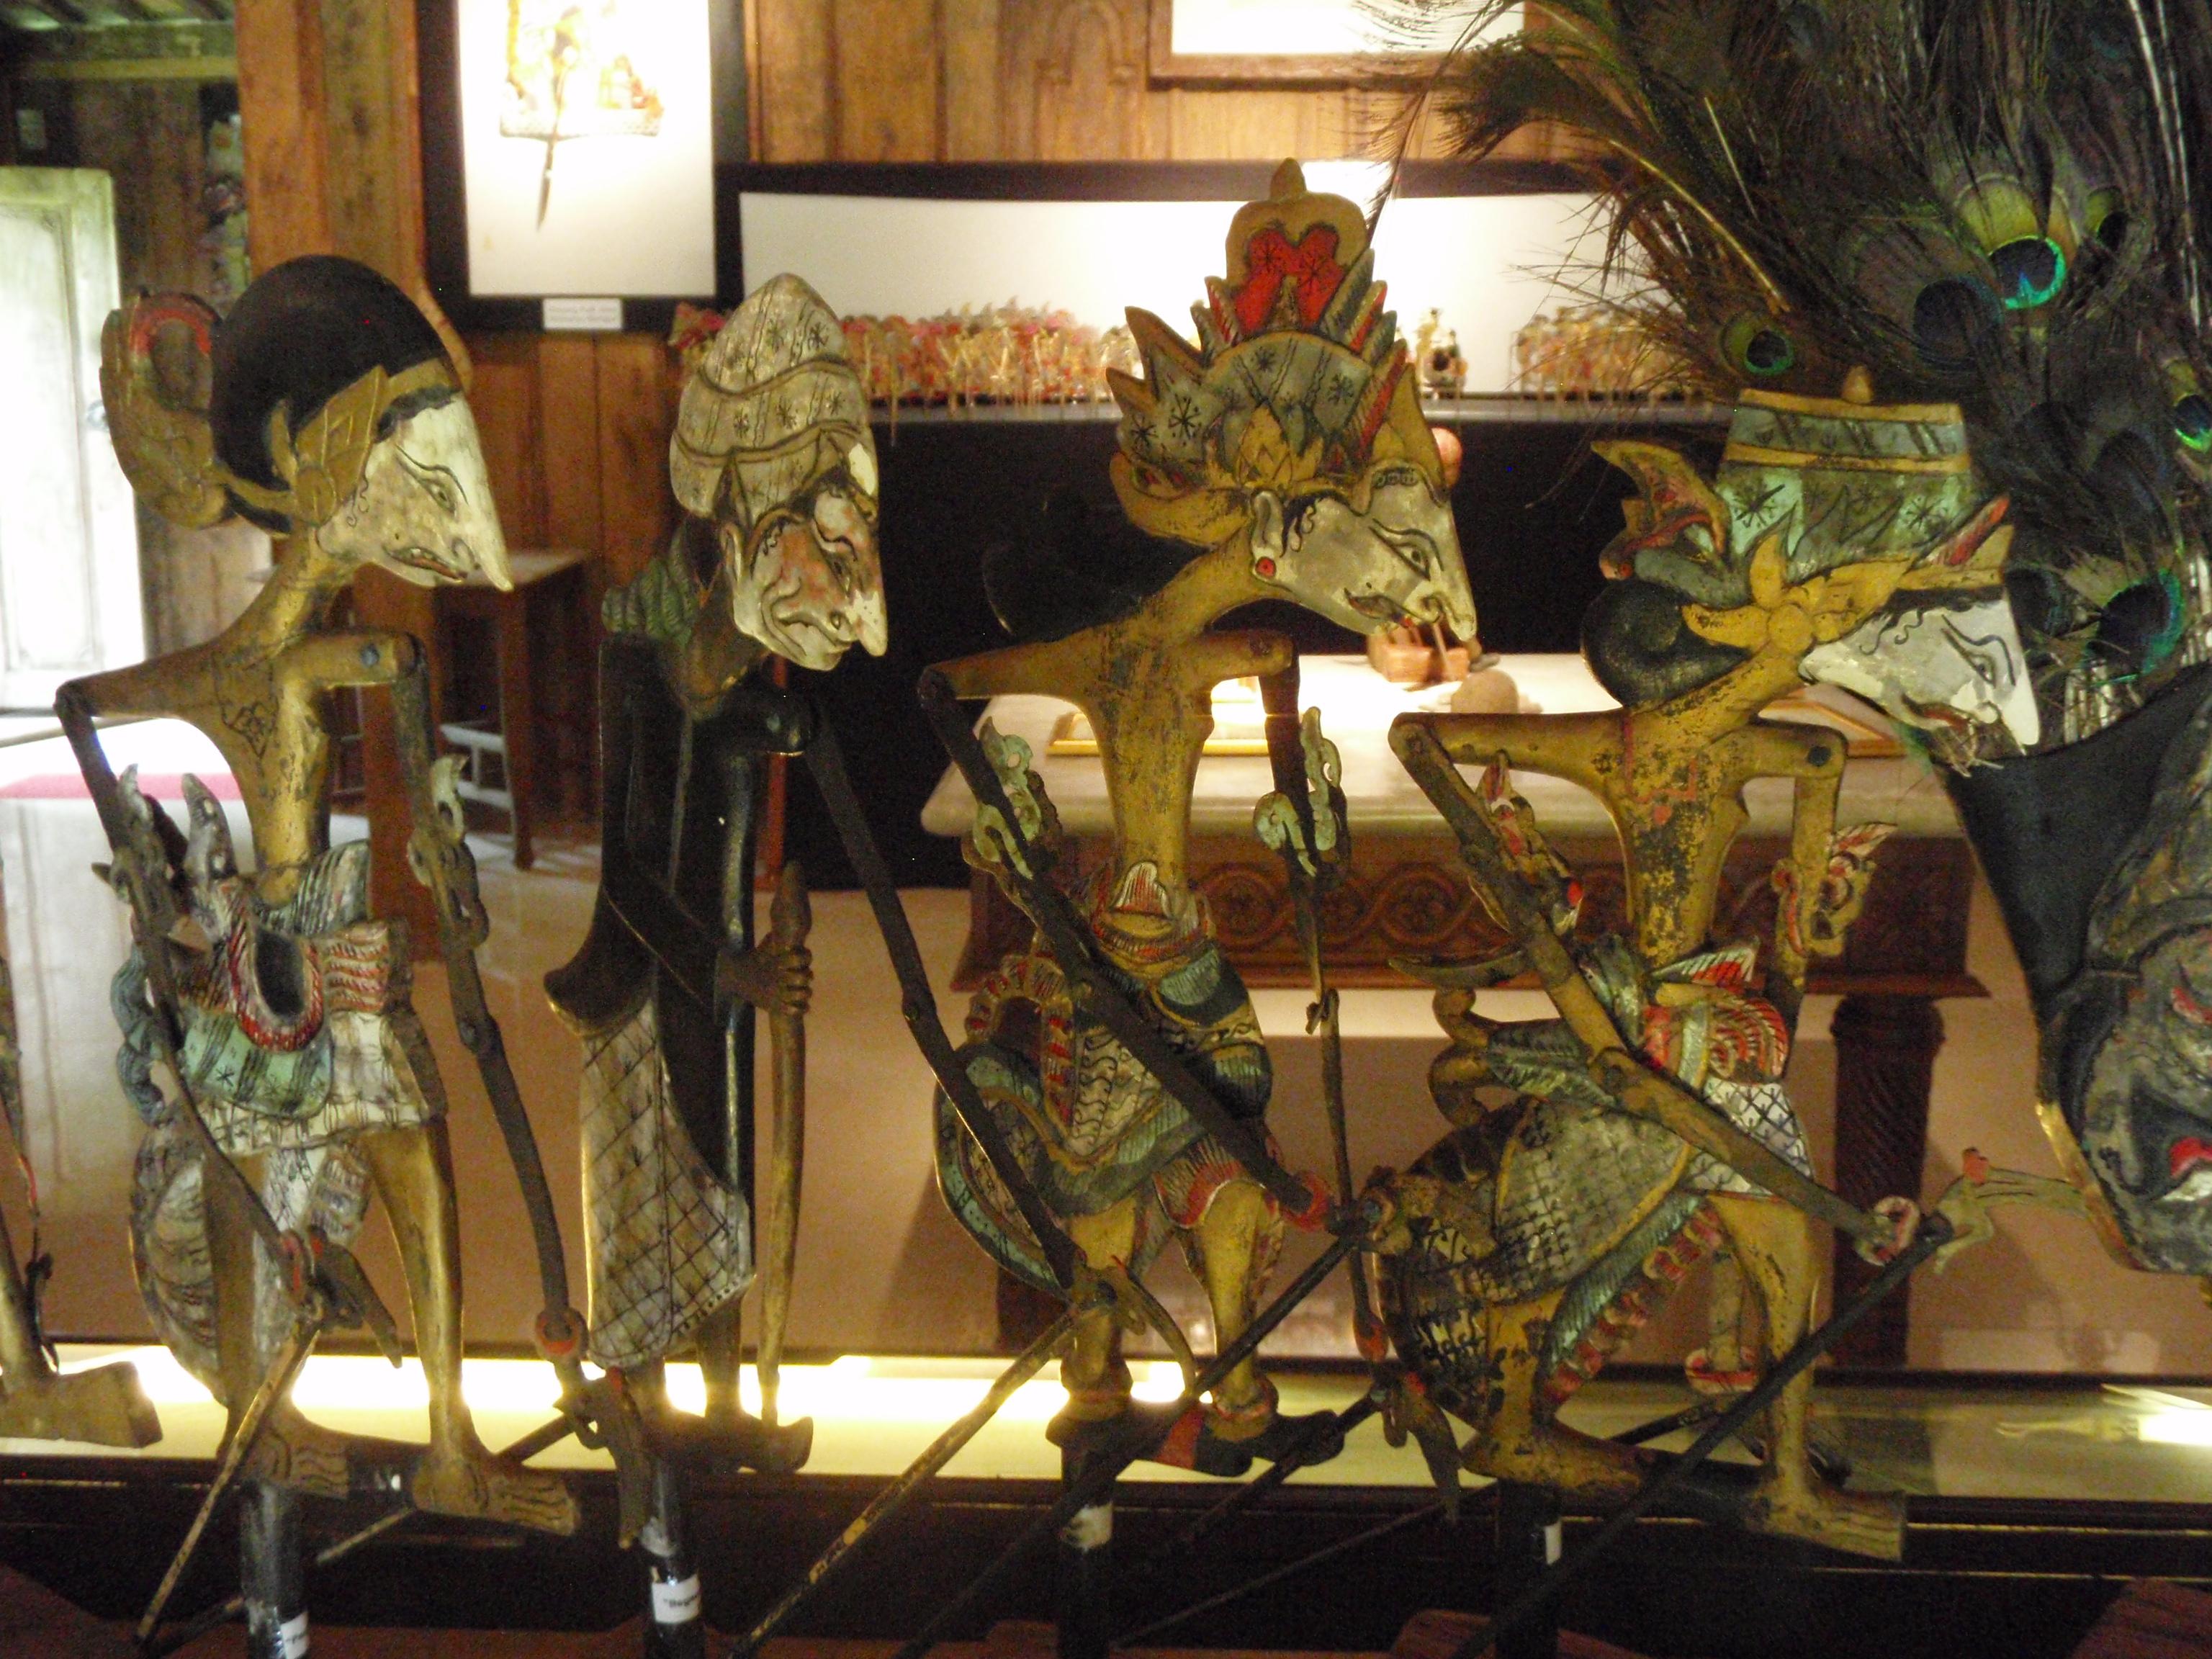 Wayang klitik tatakan (Java oriental), un style de wayang développé au XVIIe siècle présentant des histoires basées sur le roi légendaire javanais, Damarwulan. Marionnettes à tiges à deux dimensions en bois. Collection : Setia Darma House of Masks and Puppets, Gianyar, Bali, Indonésie.